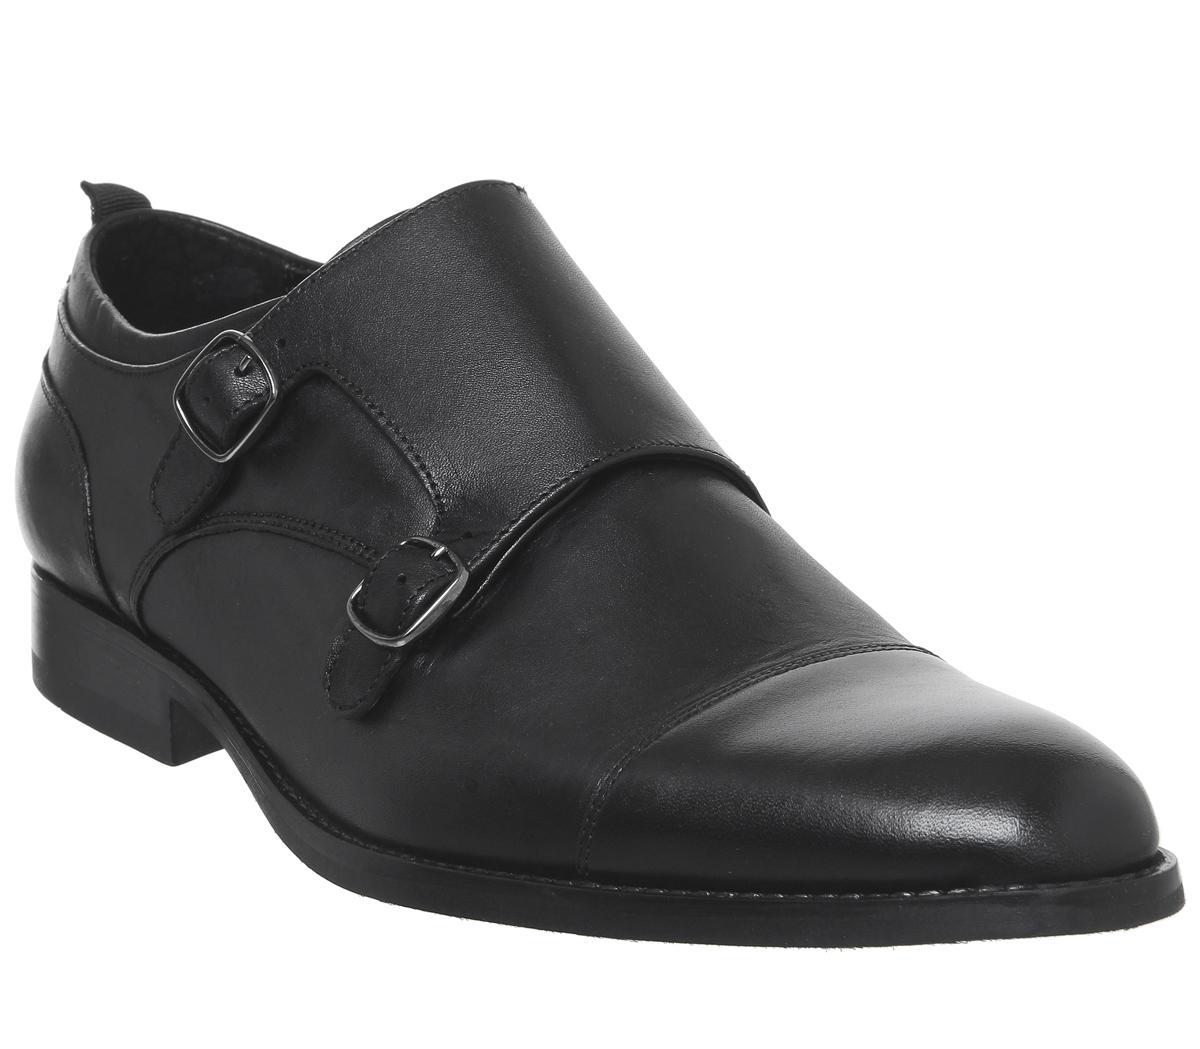 Illusive Monk Shoes